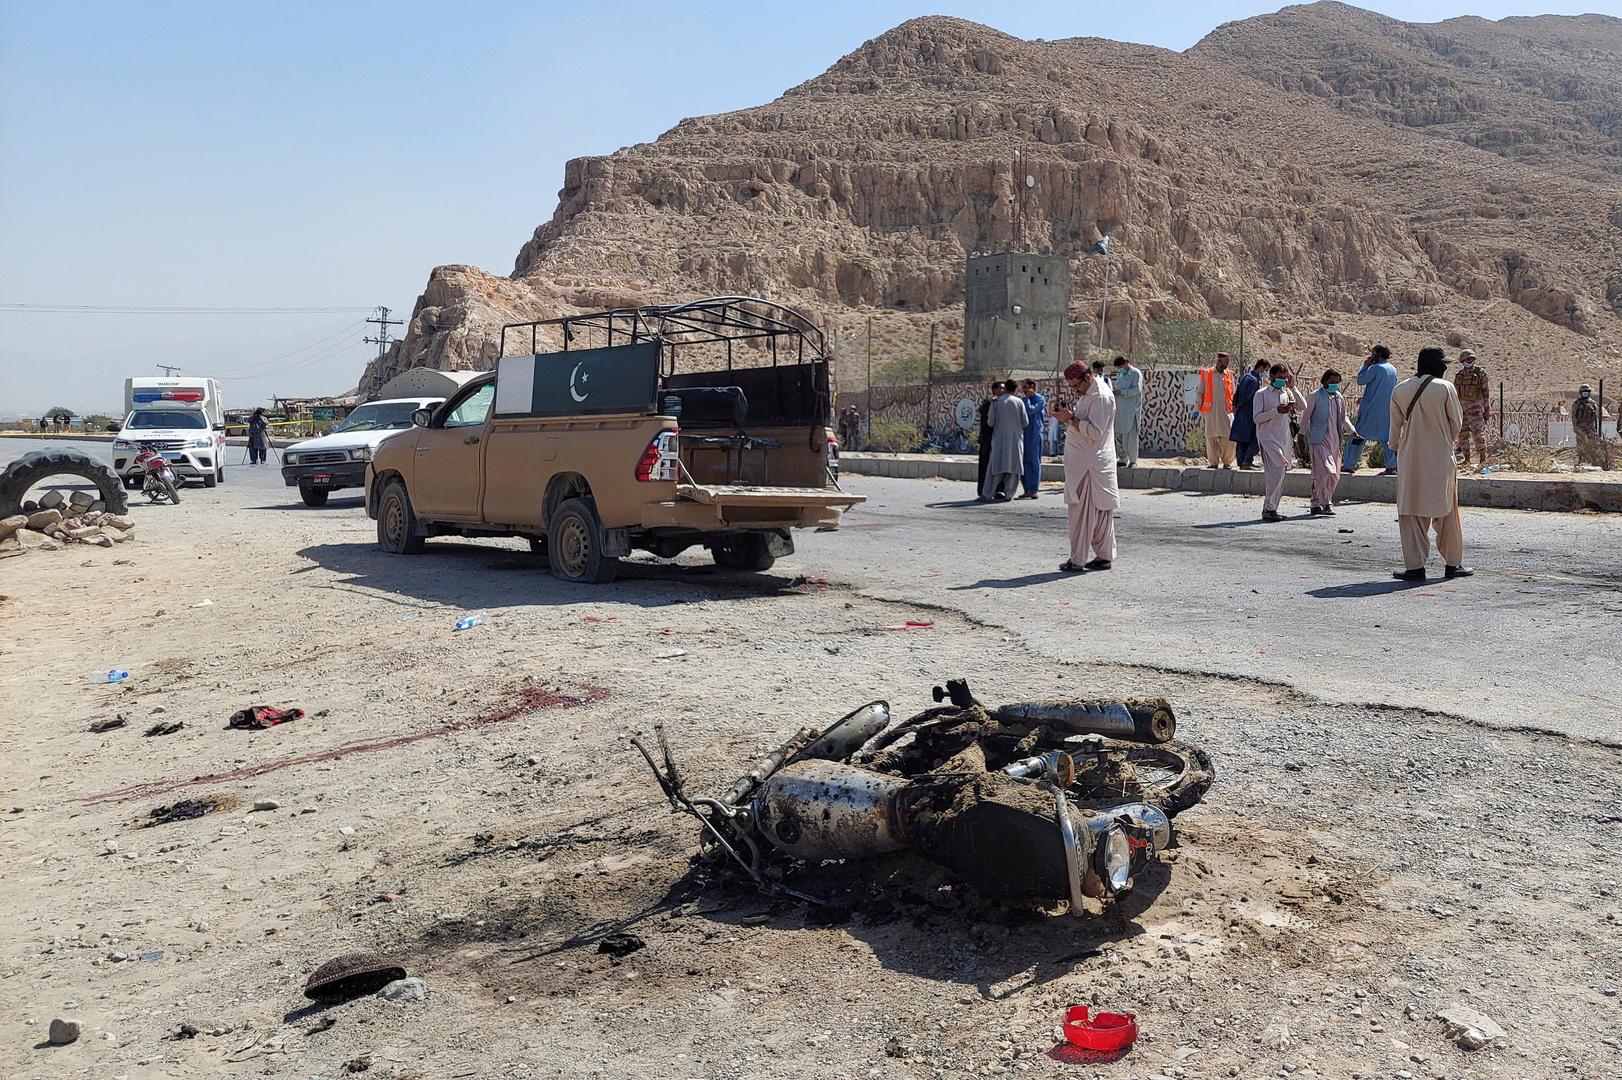 موقع هجوم انتحاري قتل 4 عناصر في الشرطة الحدودية الباكستانية في مدينة كويتة.